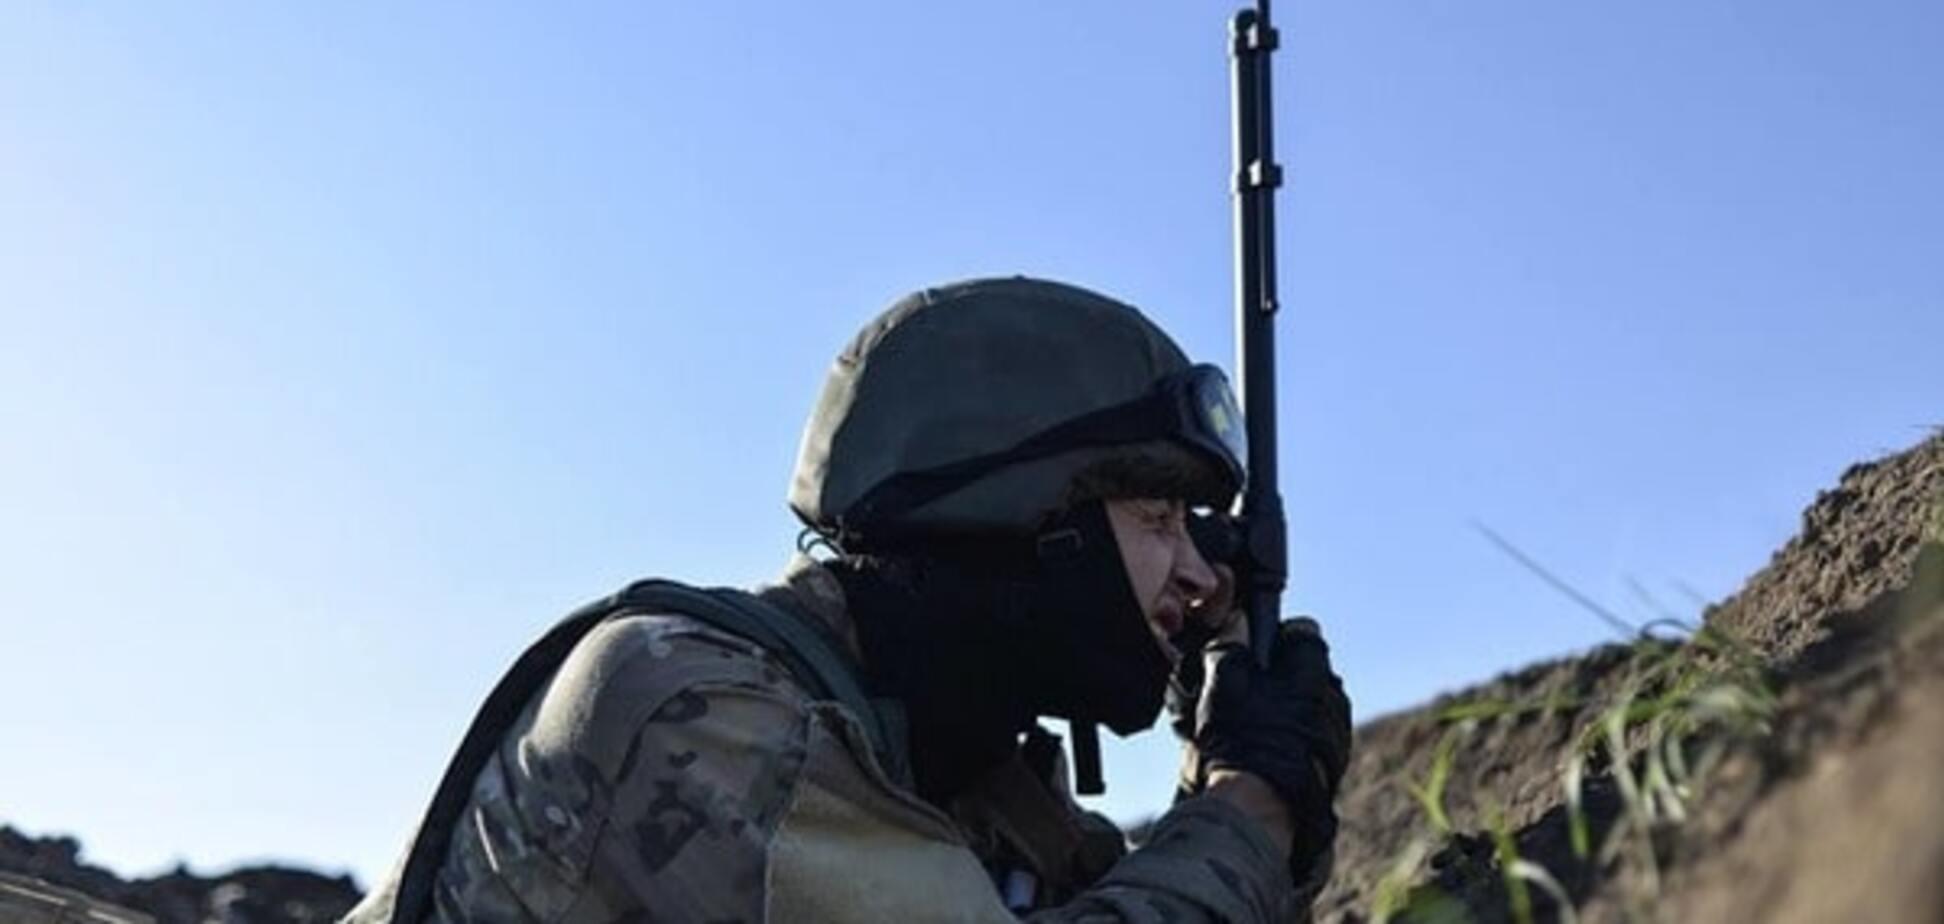 Плани амбітних воїнів: волонтери попросили про допомогу для бійців АТО